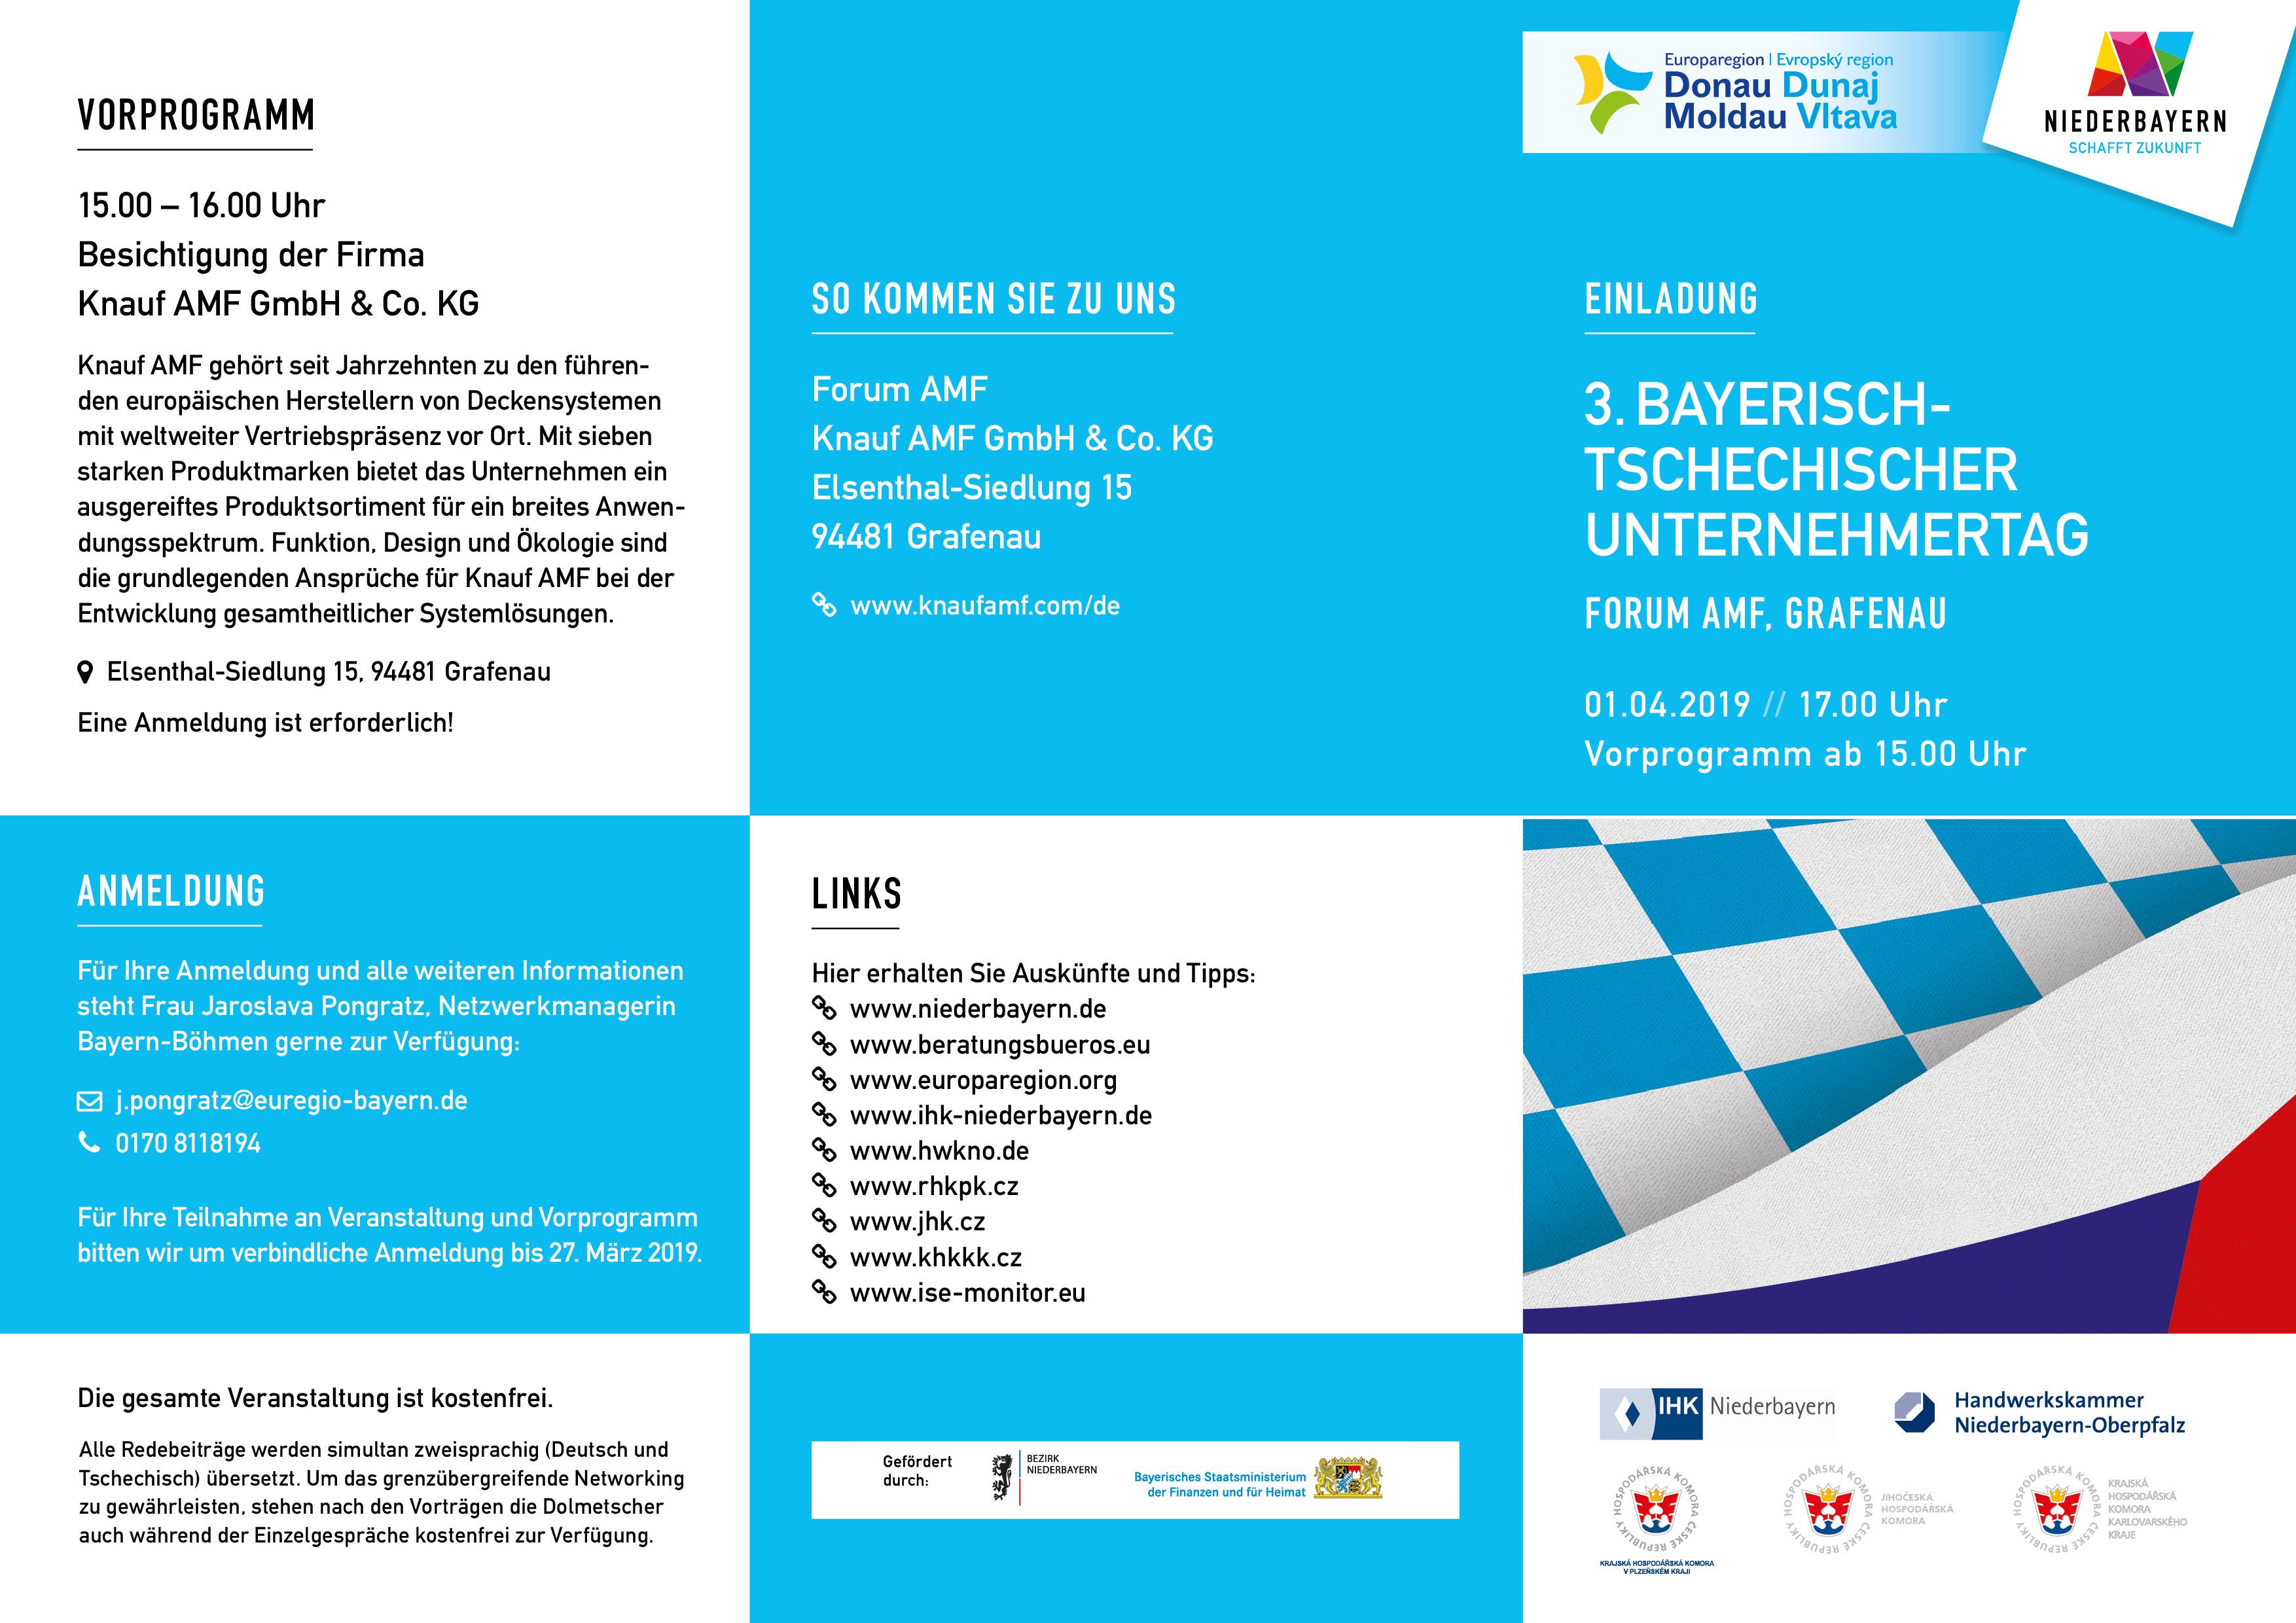 3-bayerisch-tschechischer-unternehmertag_einladung1